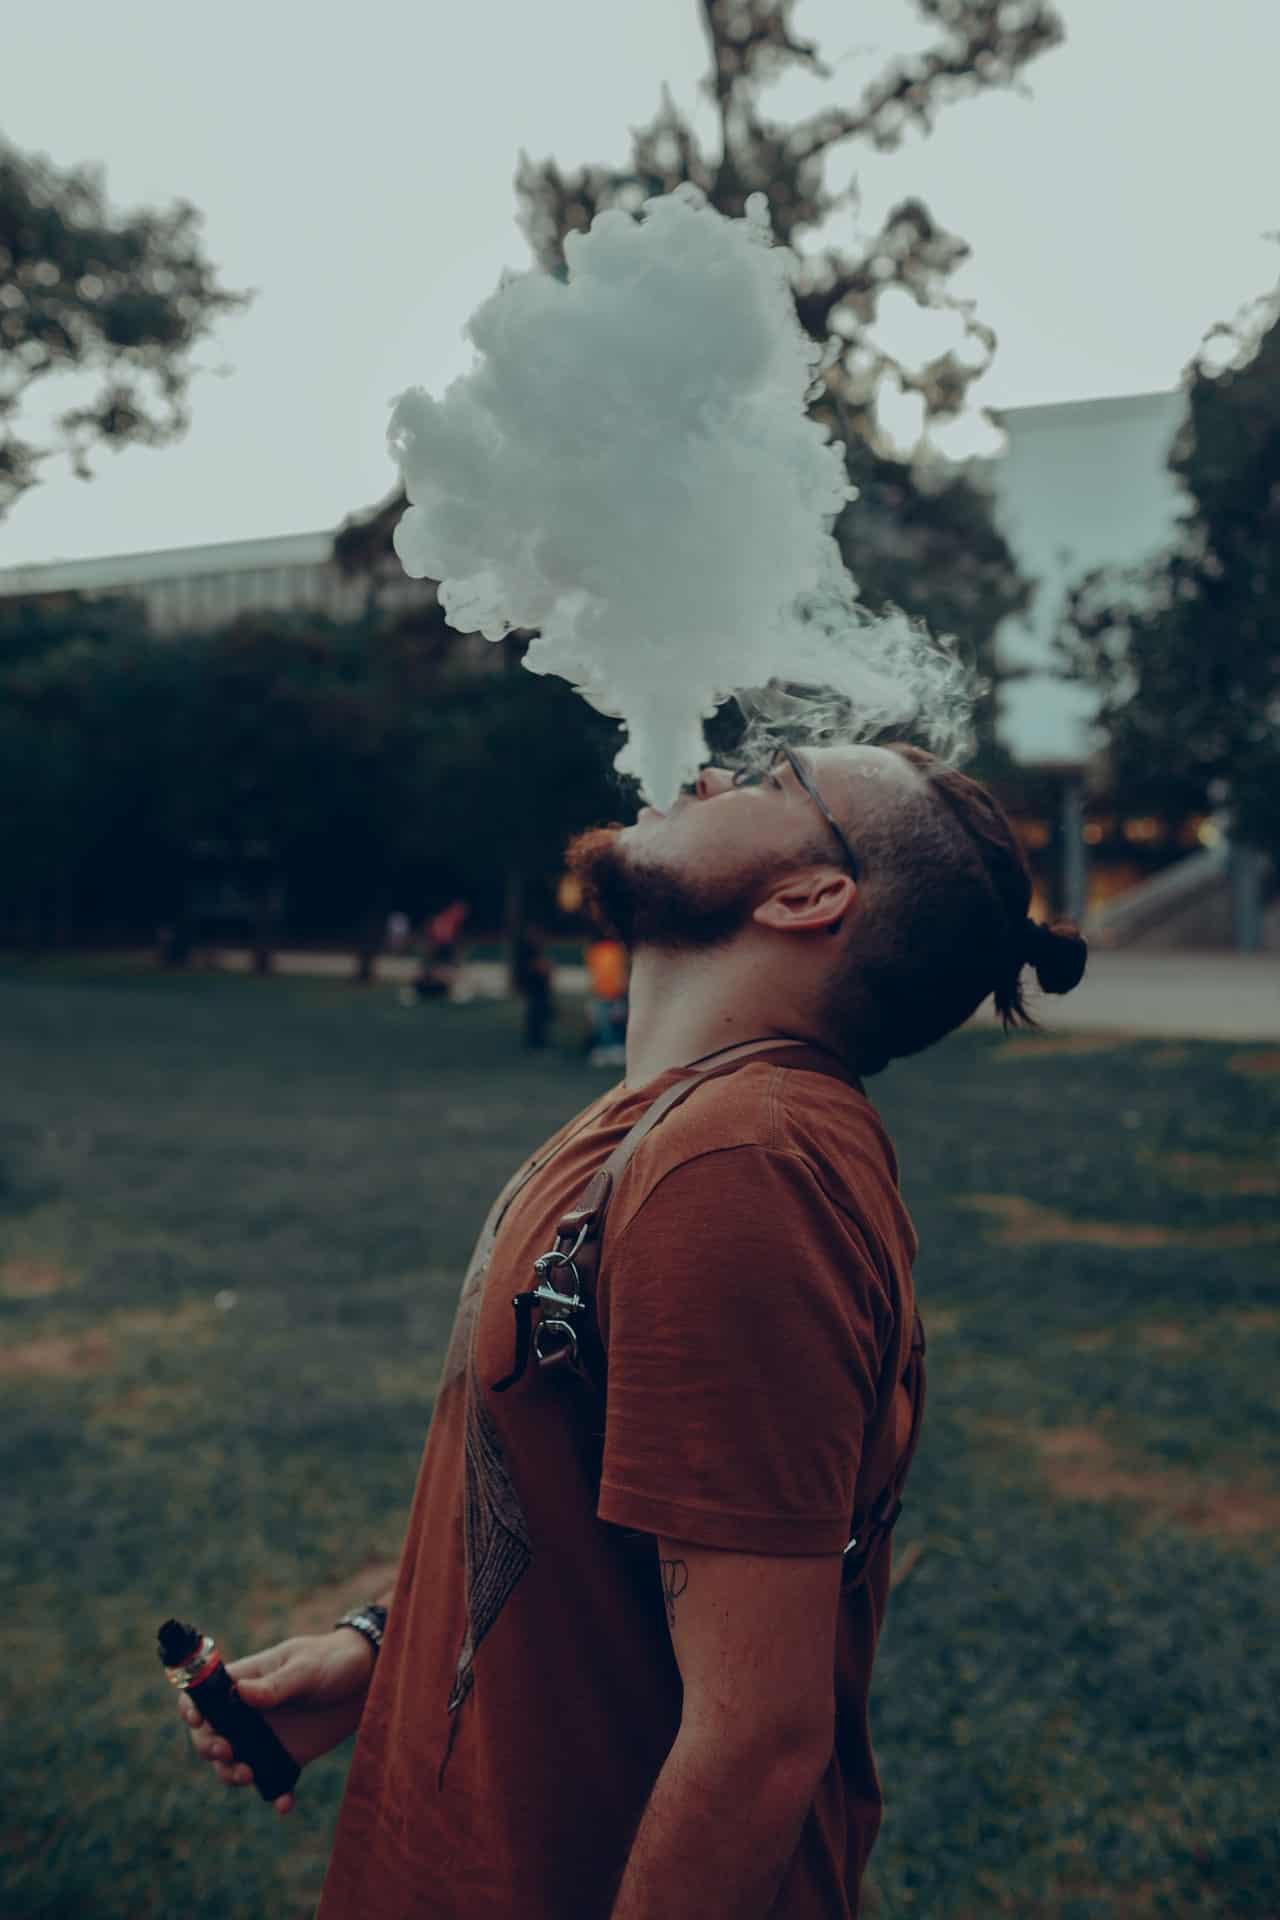 Mann raucht Vaporizer E-Zigarette